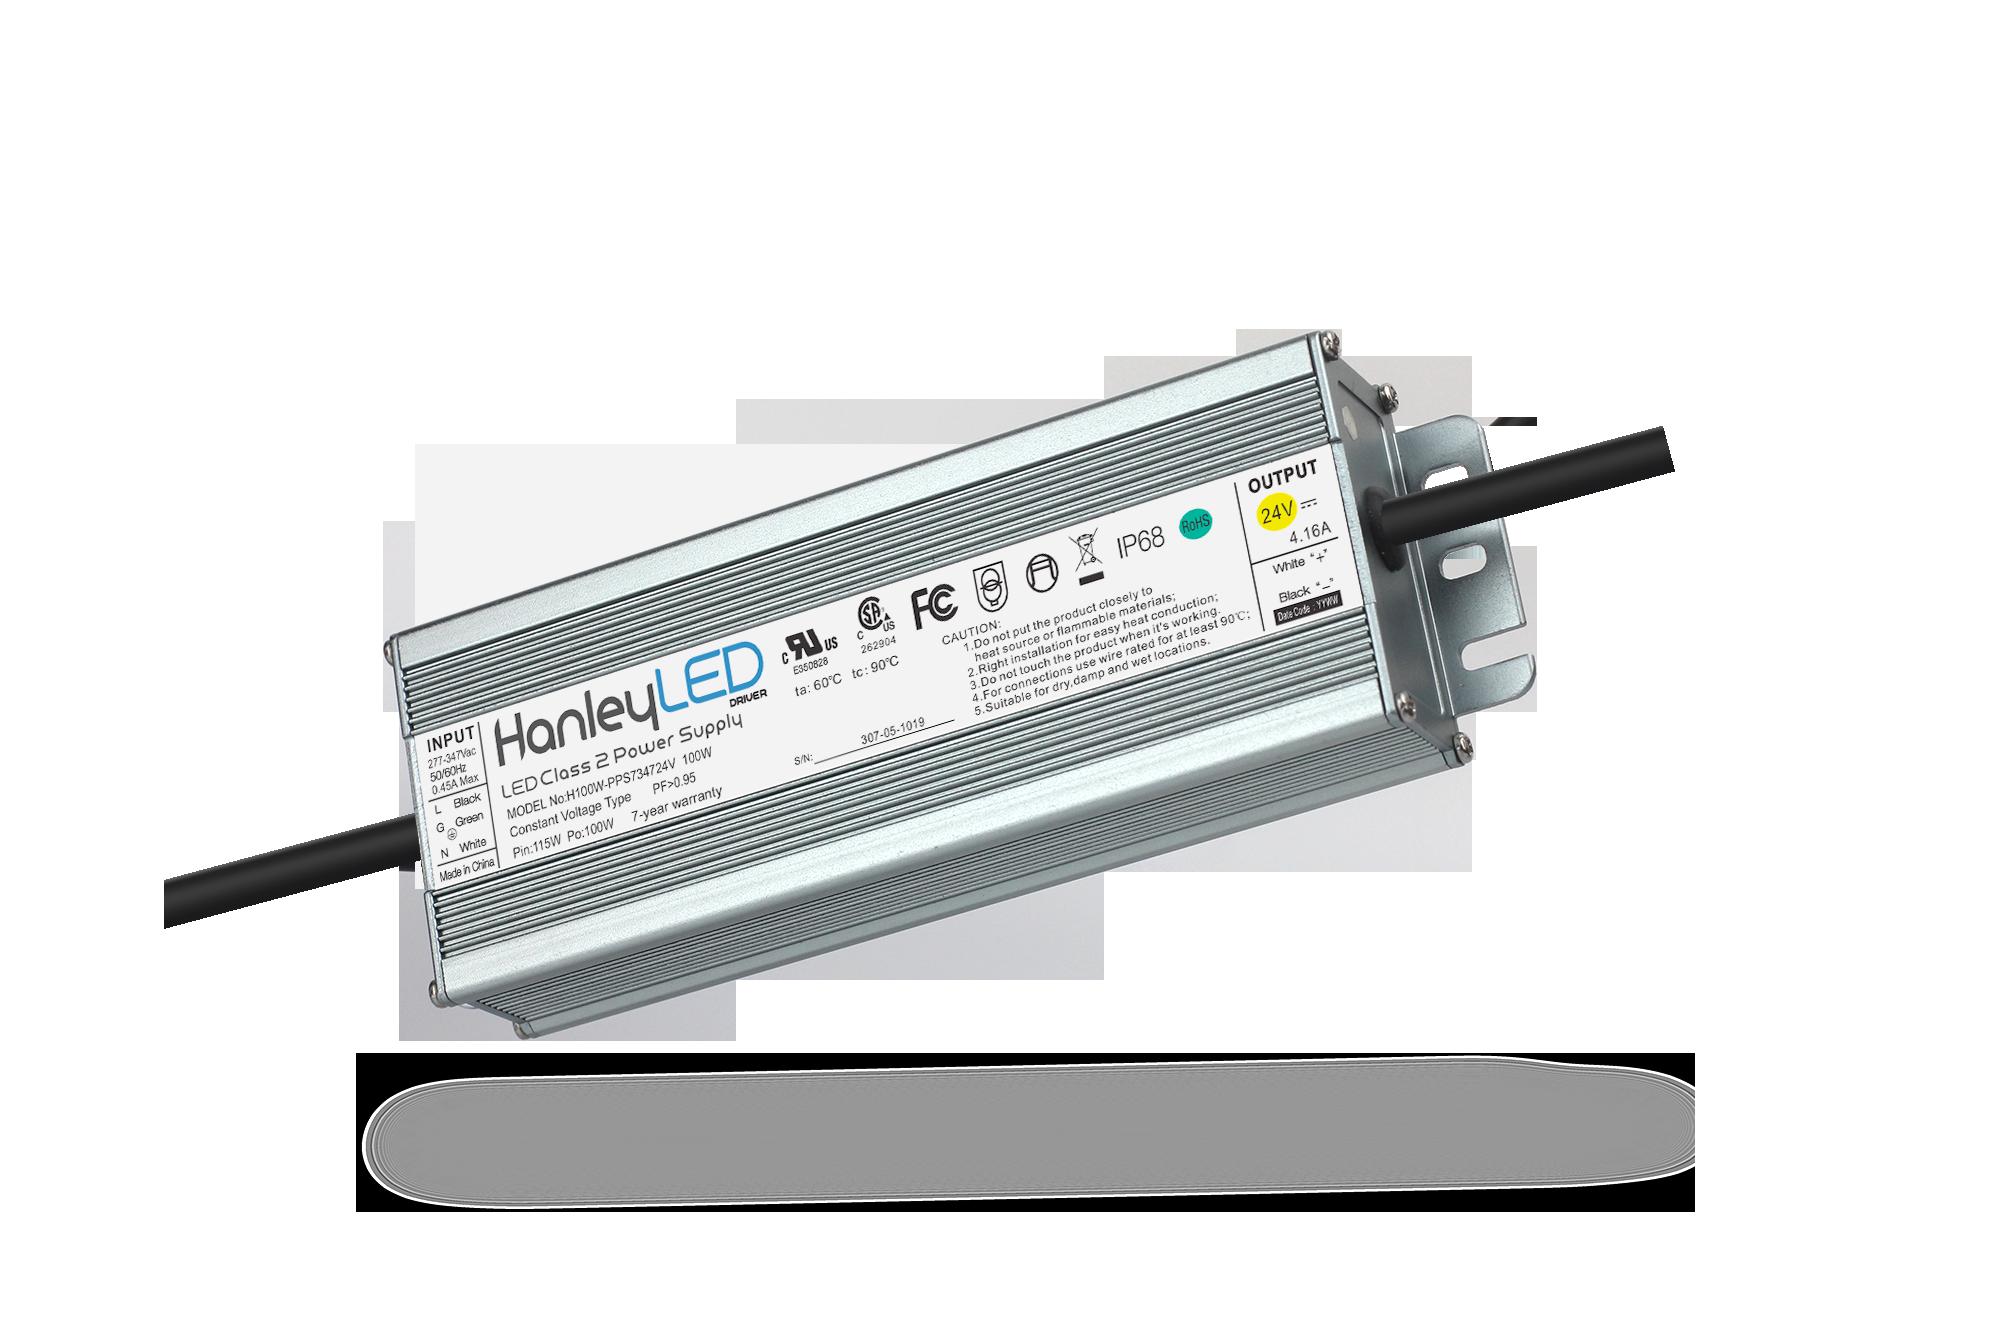 HanleyLED 347V Input Premium Power Supplies